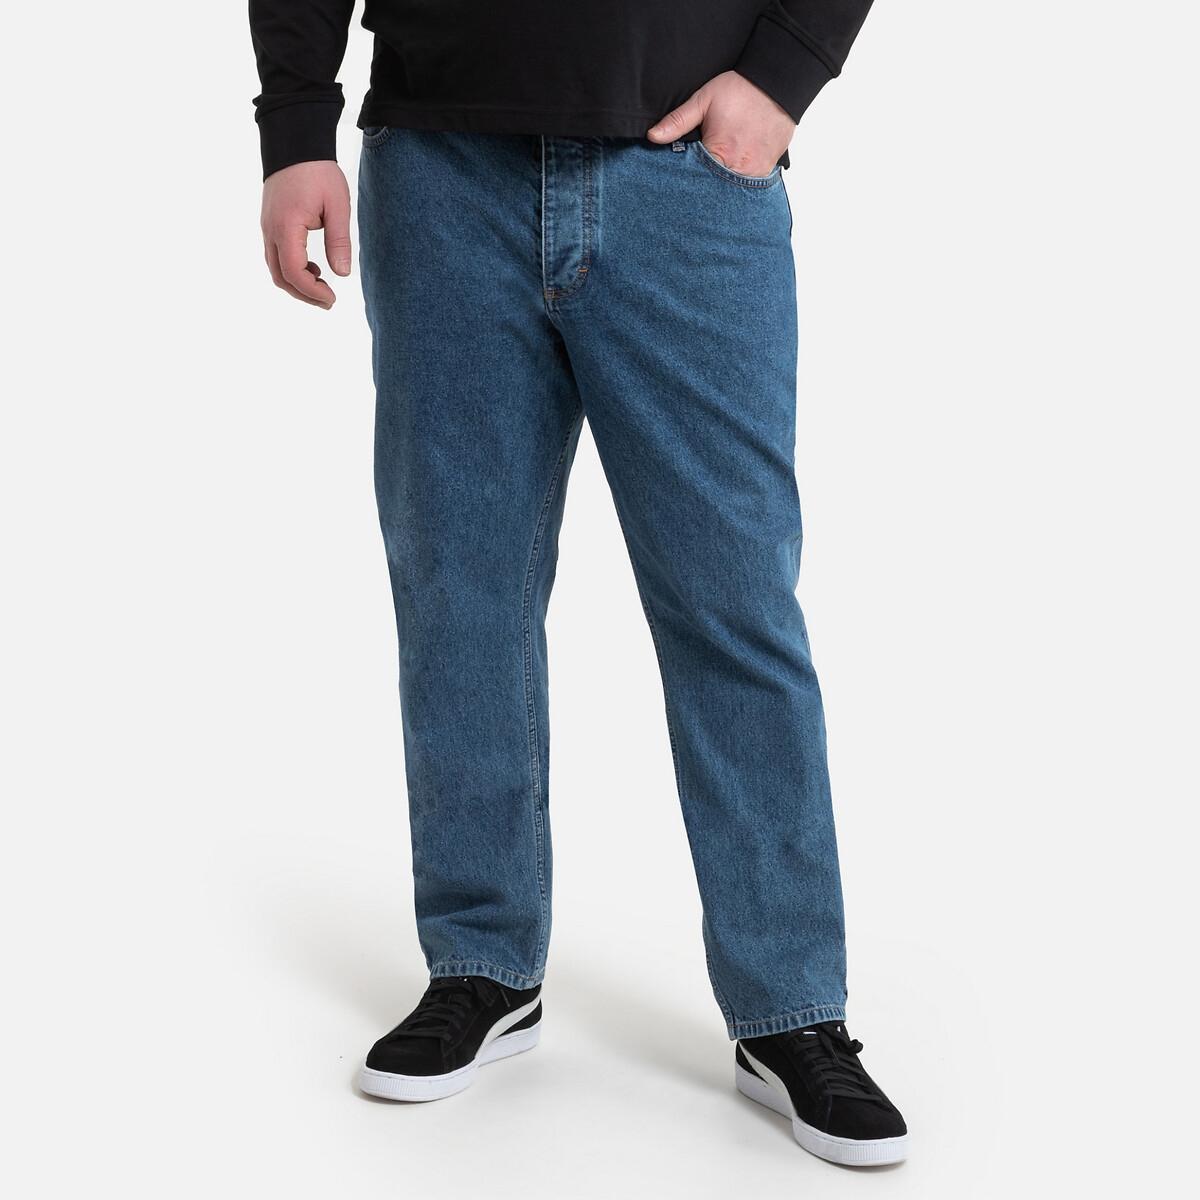 Jeans regular direitos, em algodão biológico